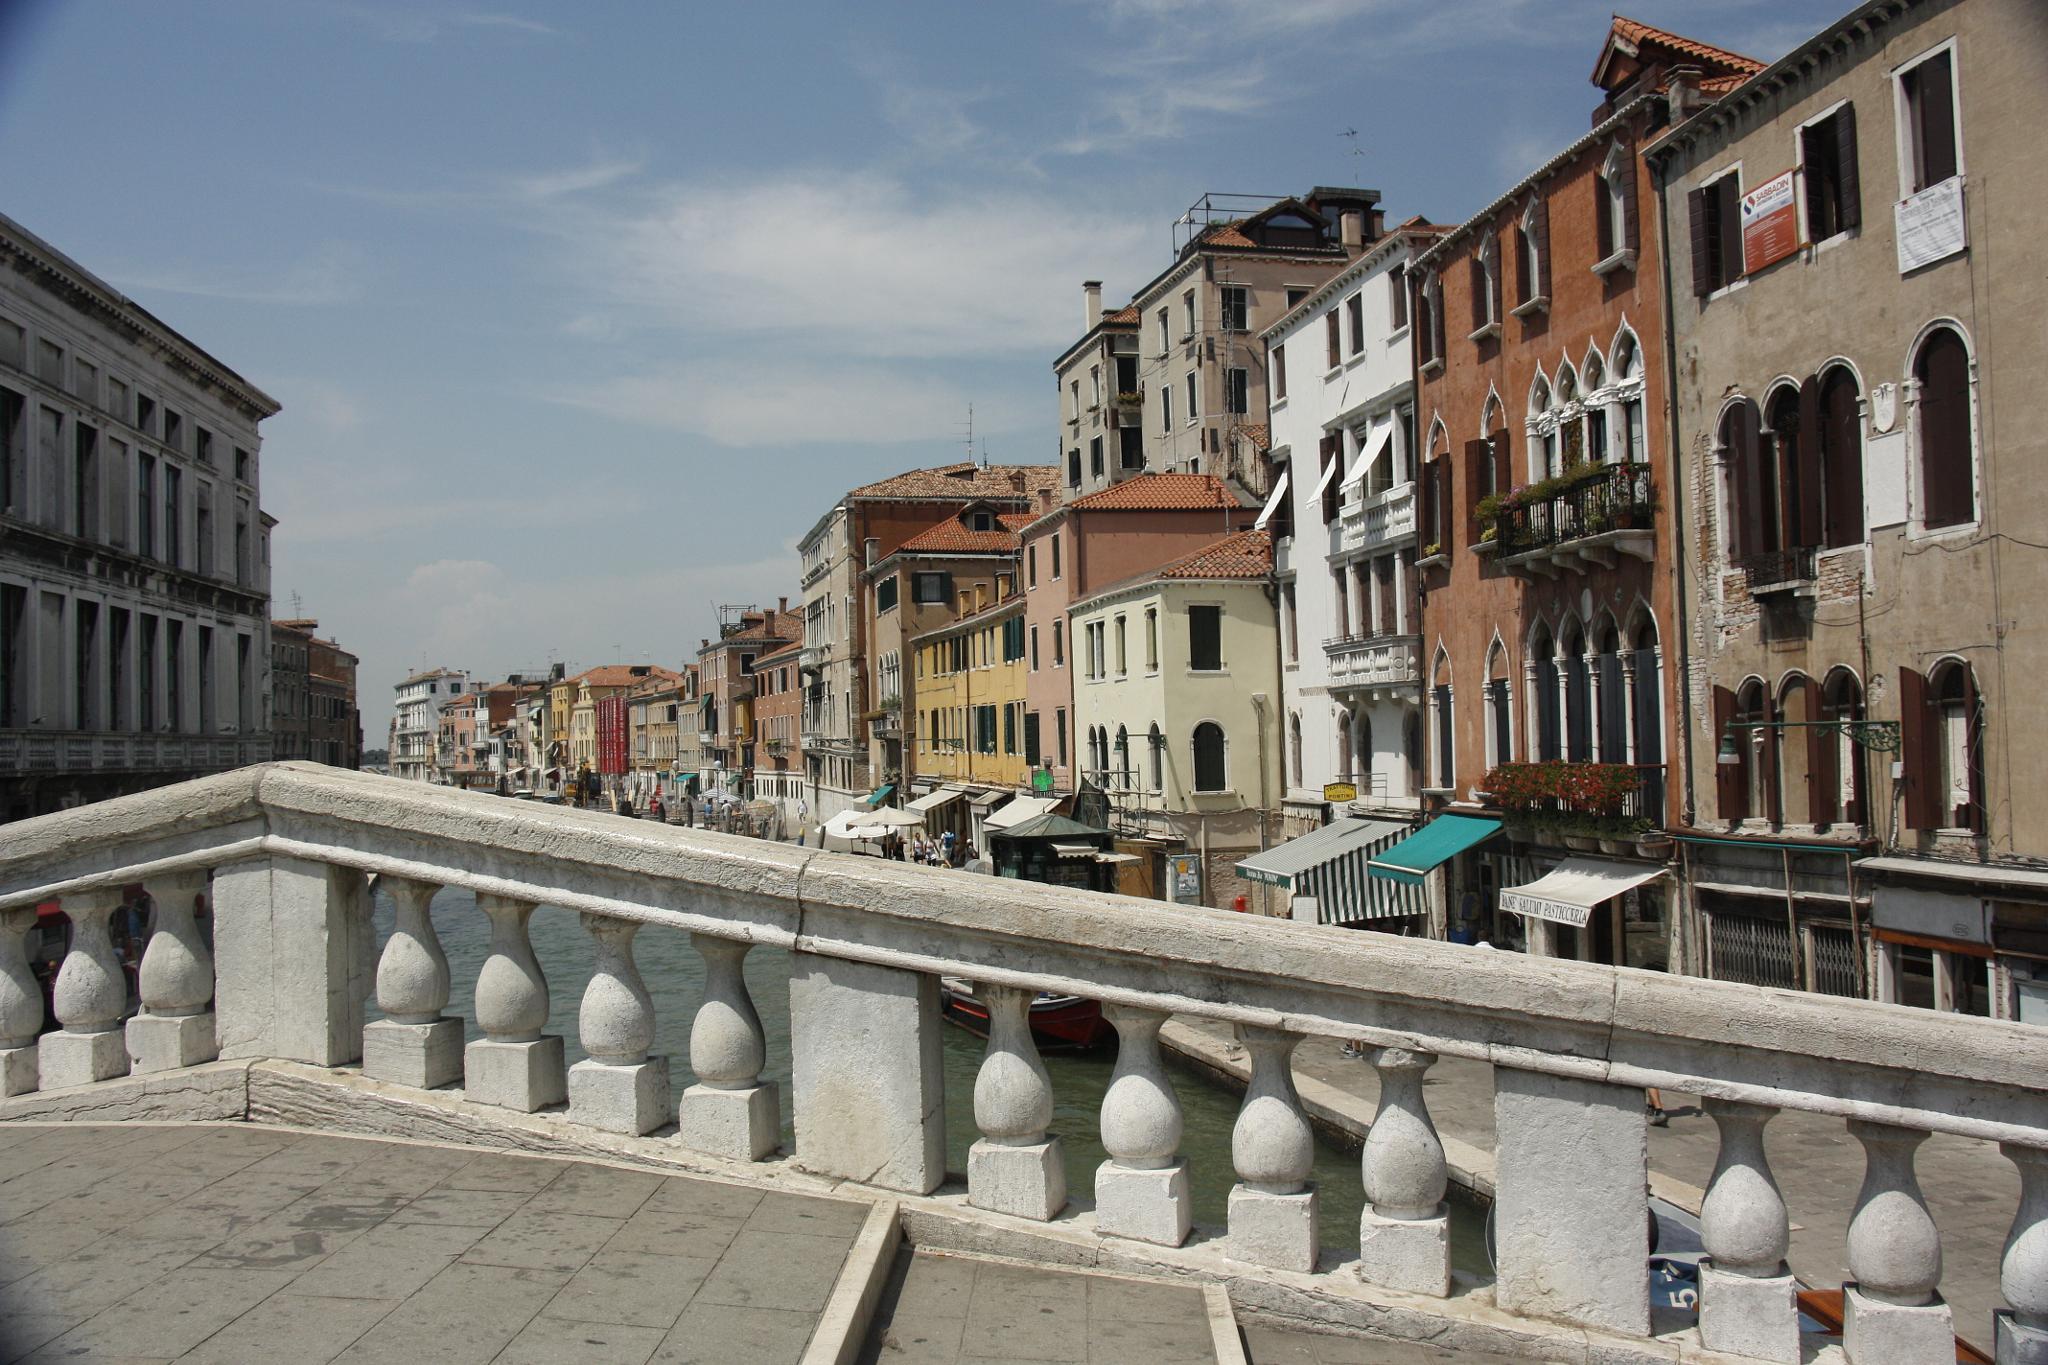 ITALIA, VENEZIA  by Paulus5301